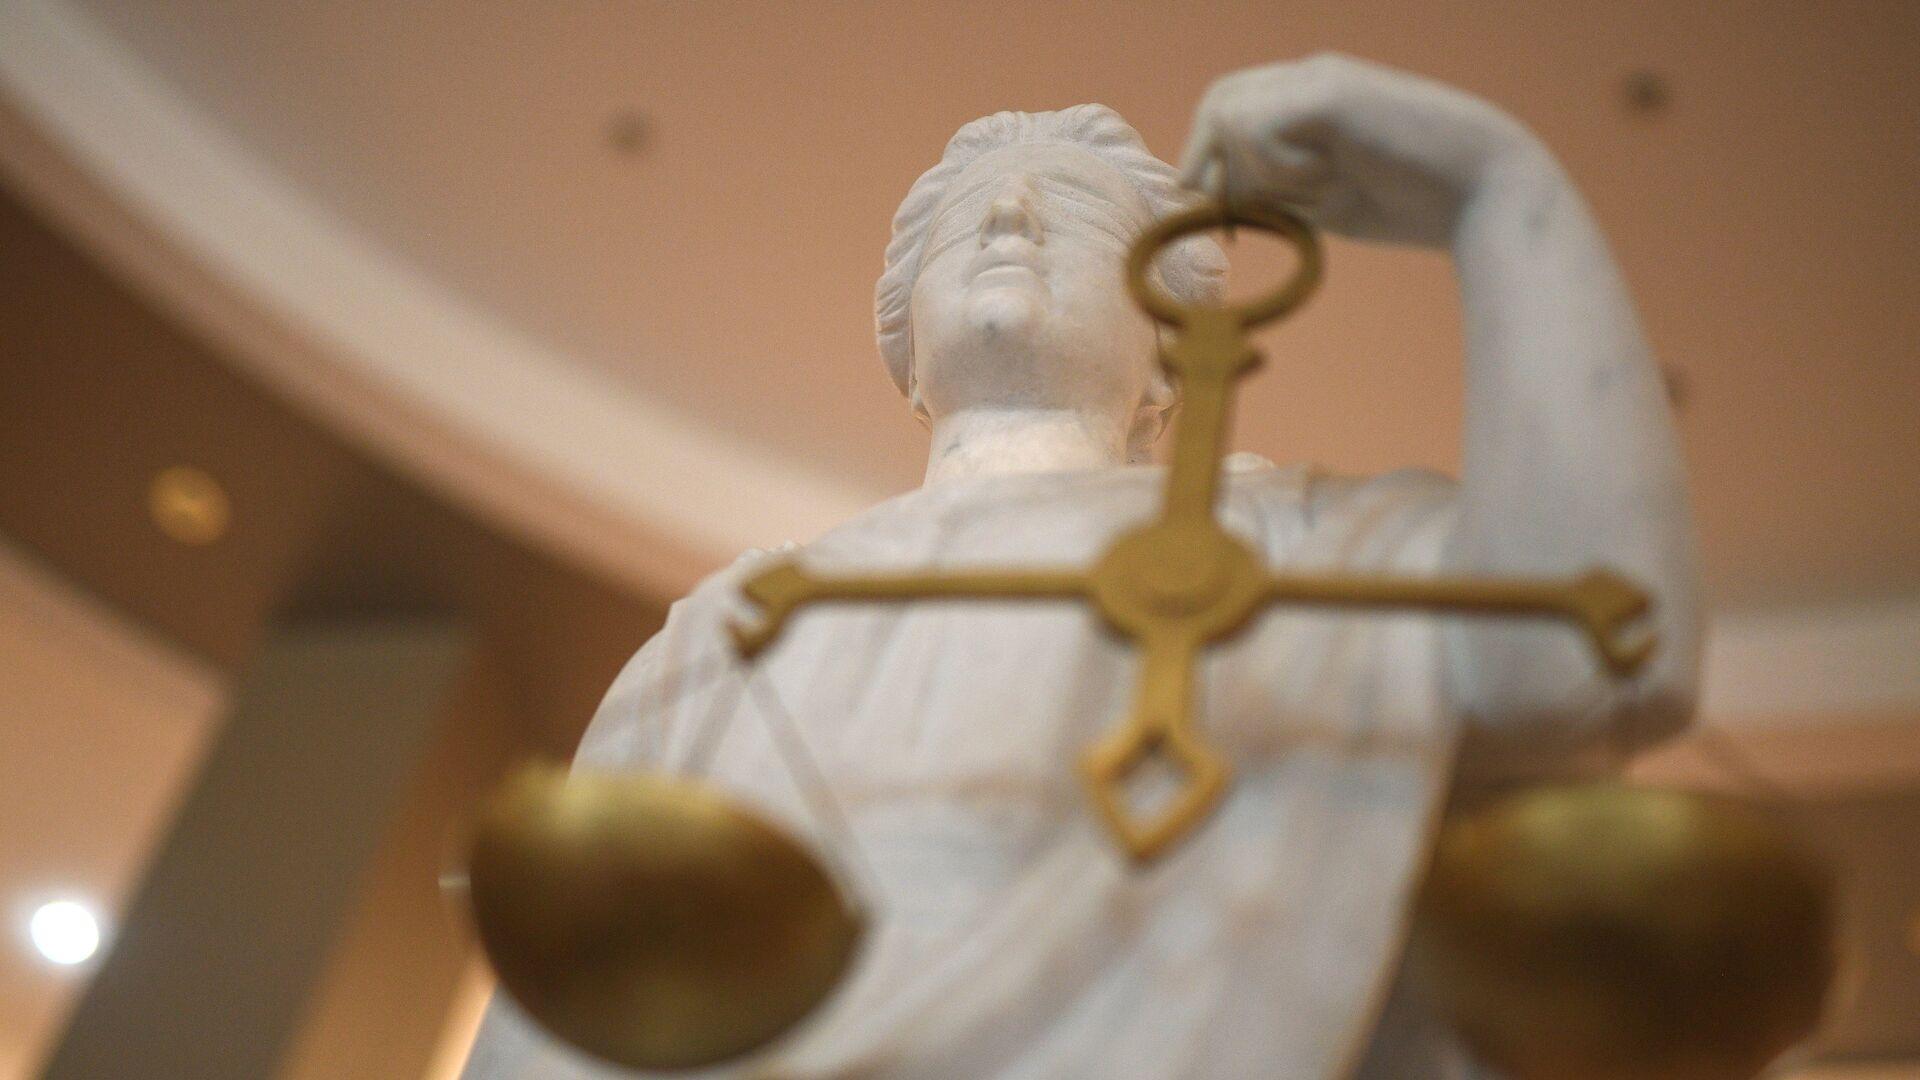 Статуя Фемиды в суде - РИА Новости, 1920, 08.09.2020